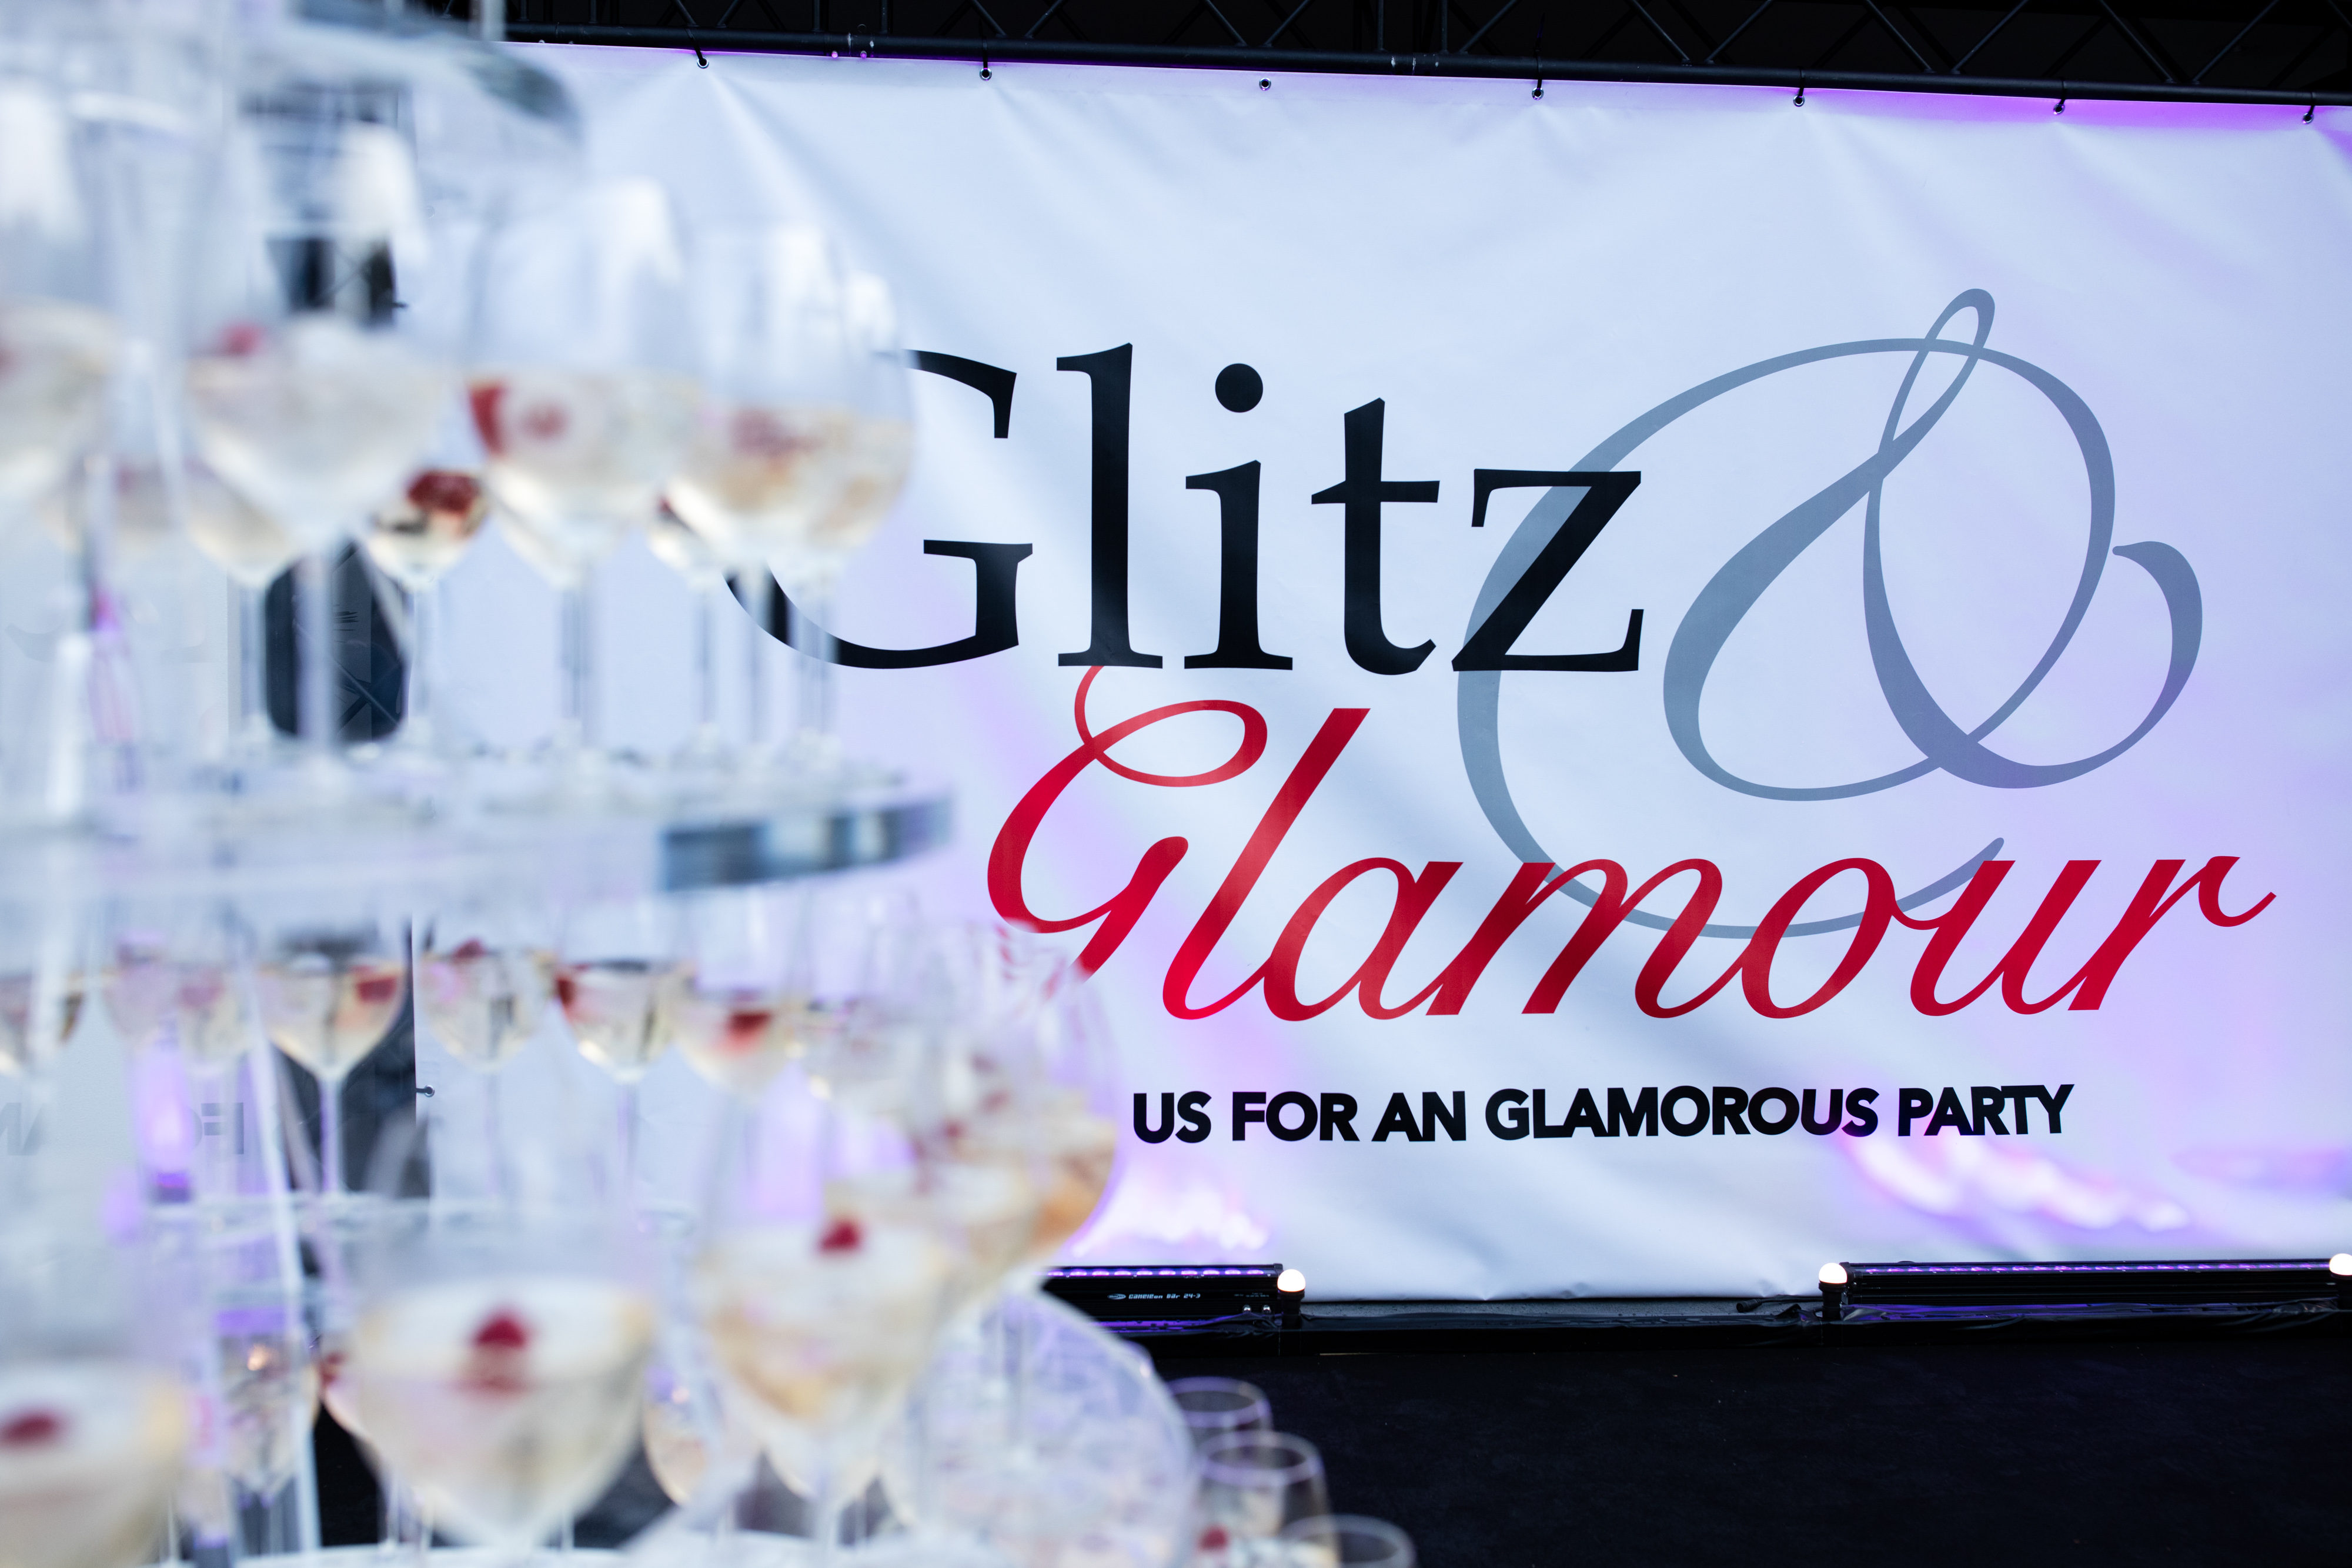 Entree Glitz & Glamour party